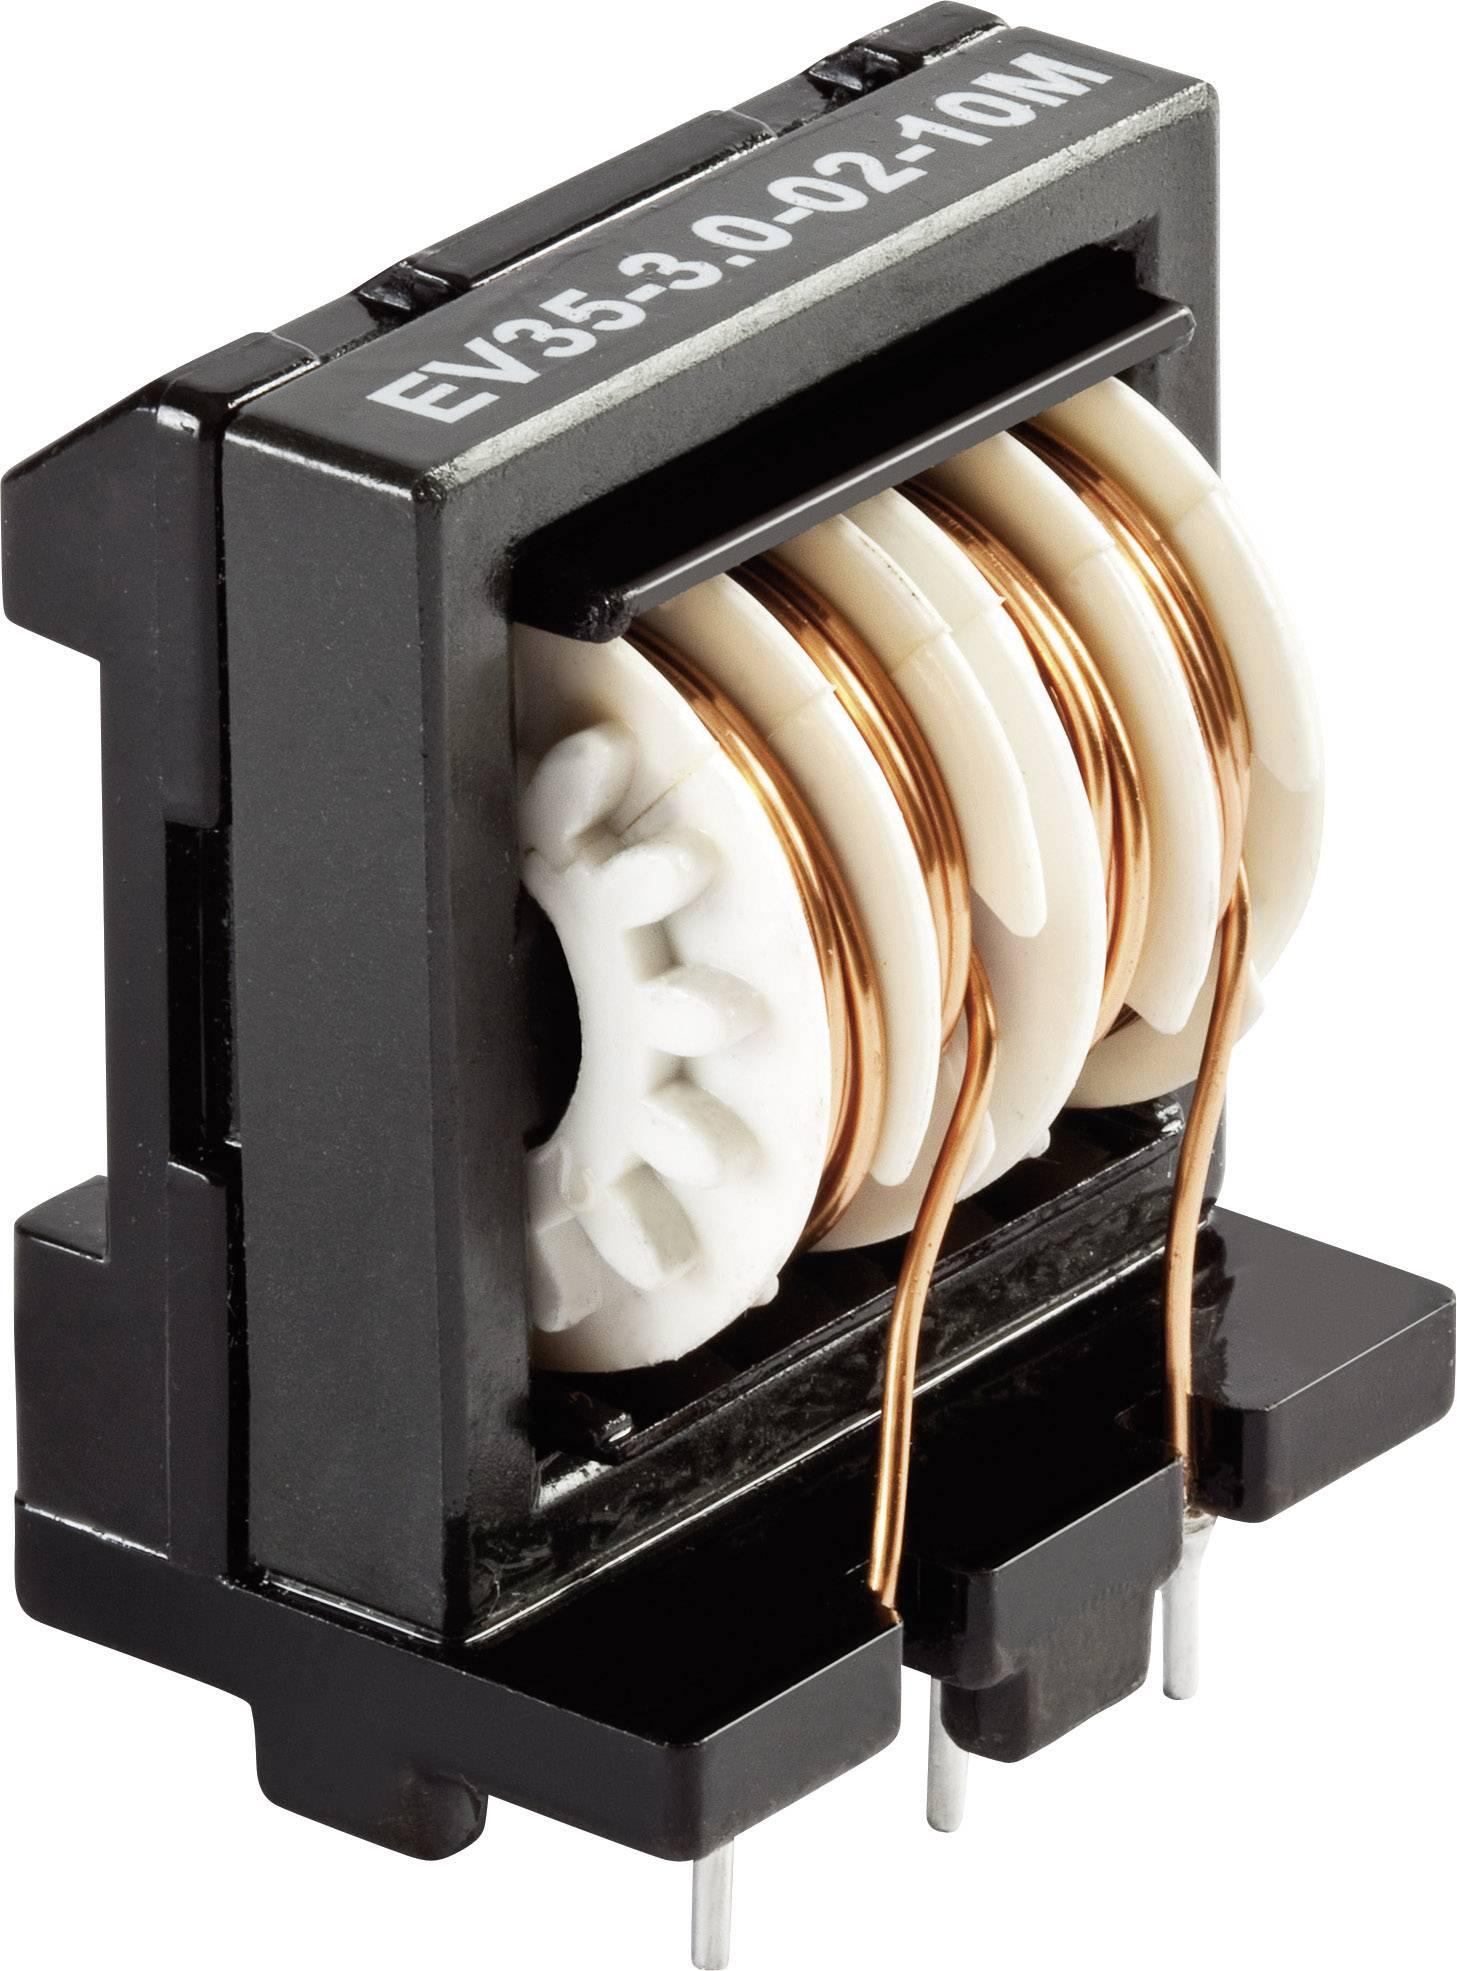 Odrušovací filter Schaffner EV20-0,5-02-18M EV20-0,5-02-18M, 250 V/AC, 0.5 A, 18 mH, (d x š x v) 21 x 16 x 25 mm, 1 ks